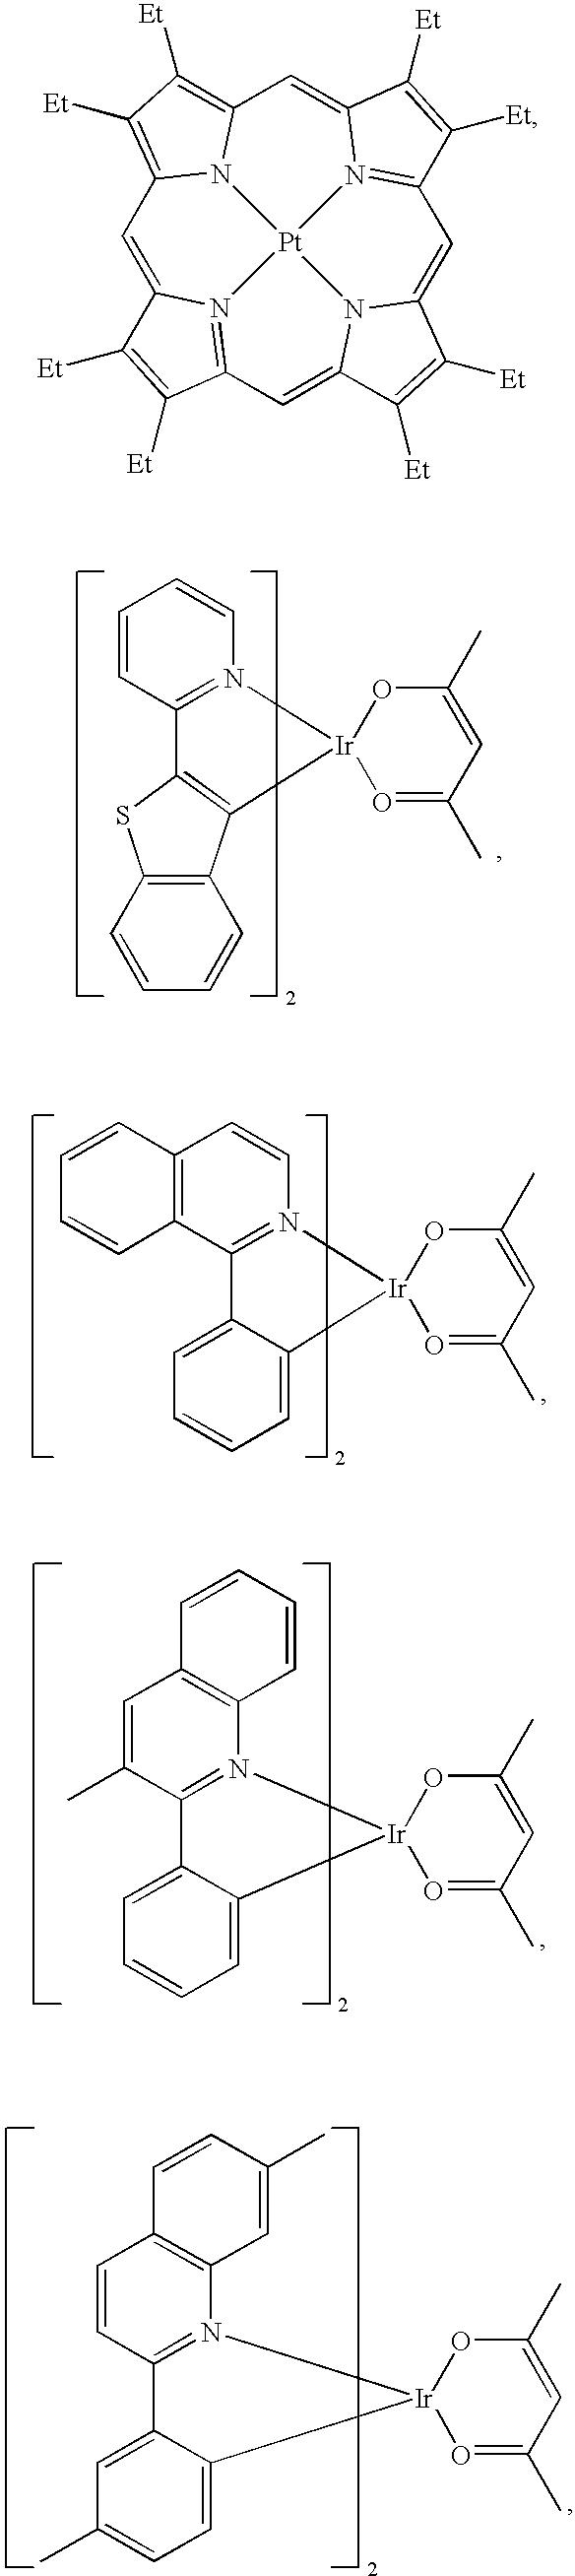 Figure US20100072887A1-20100325-C00223